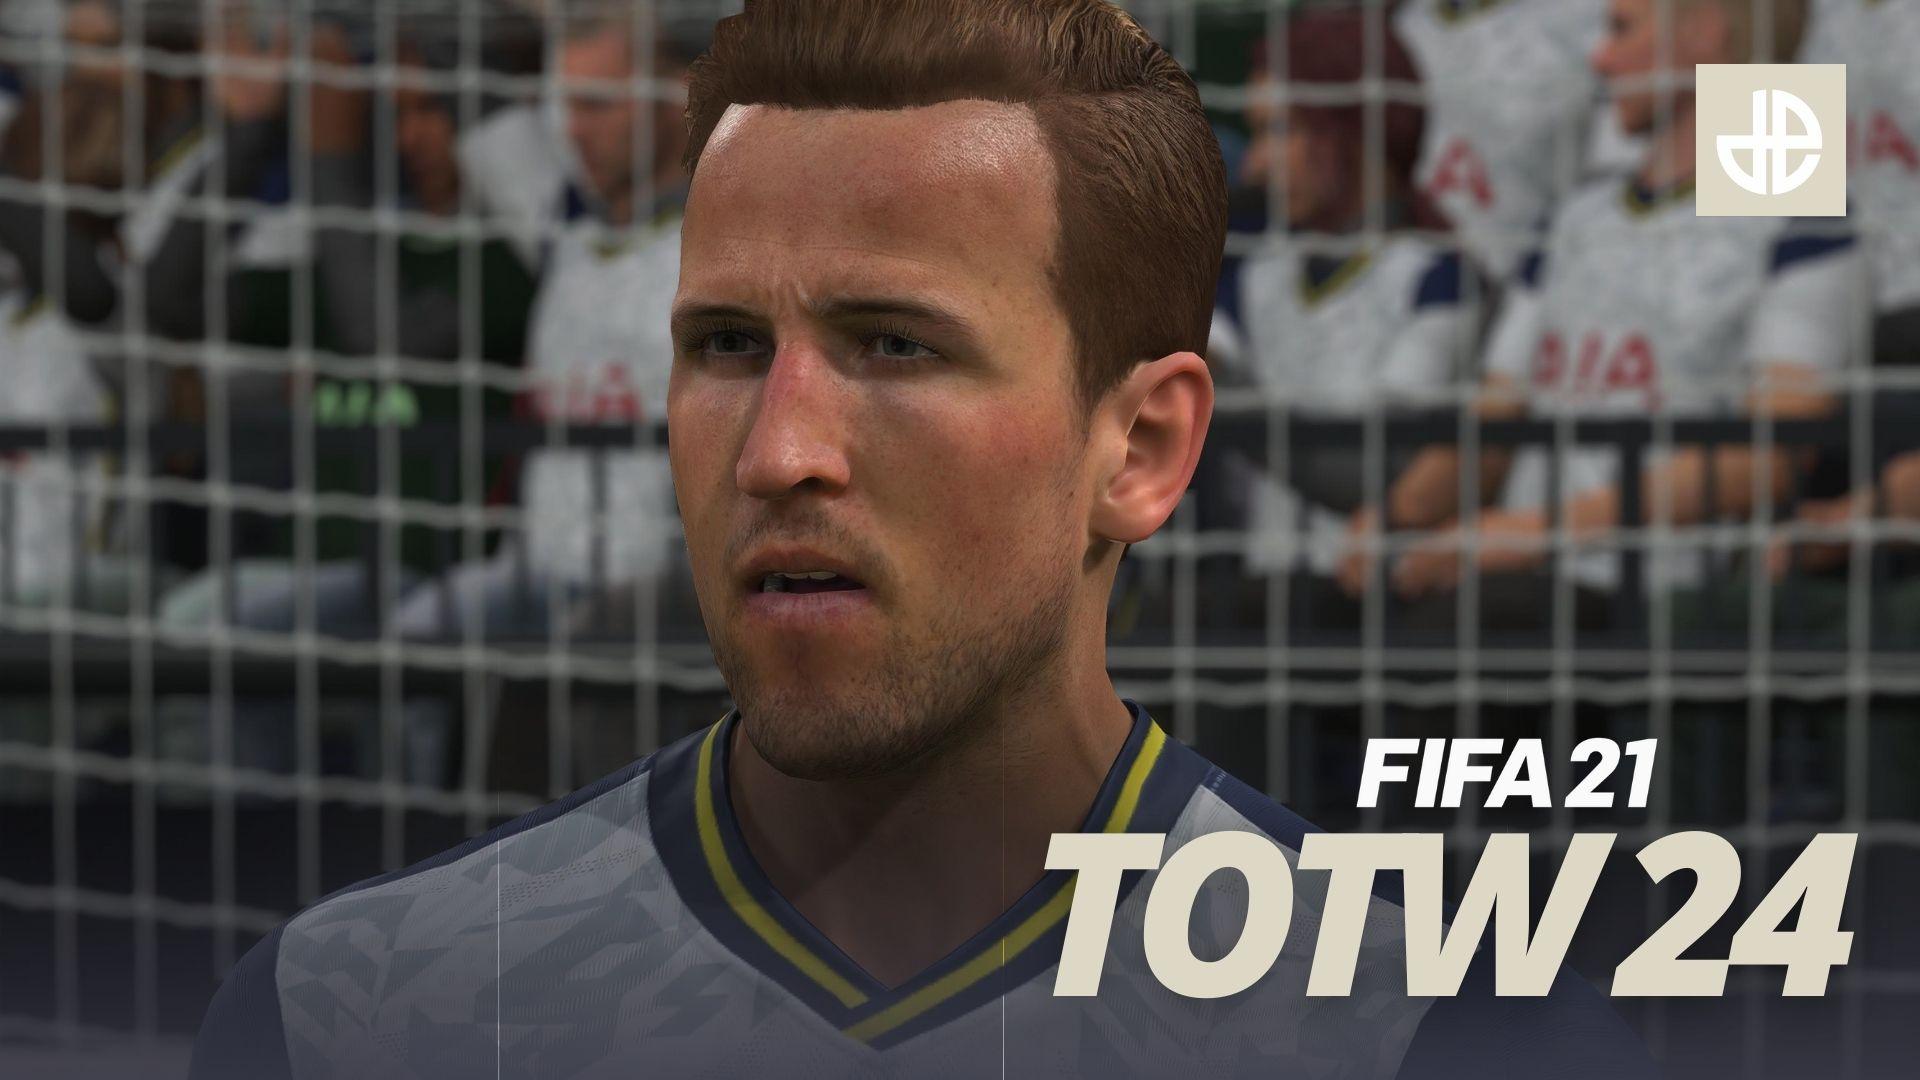 Harry Kane in FIFA 21 Ultimate Team Team of the Week TOTW 24.